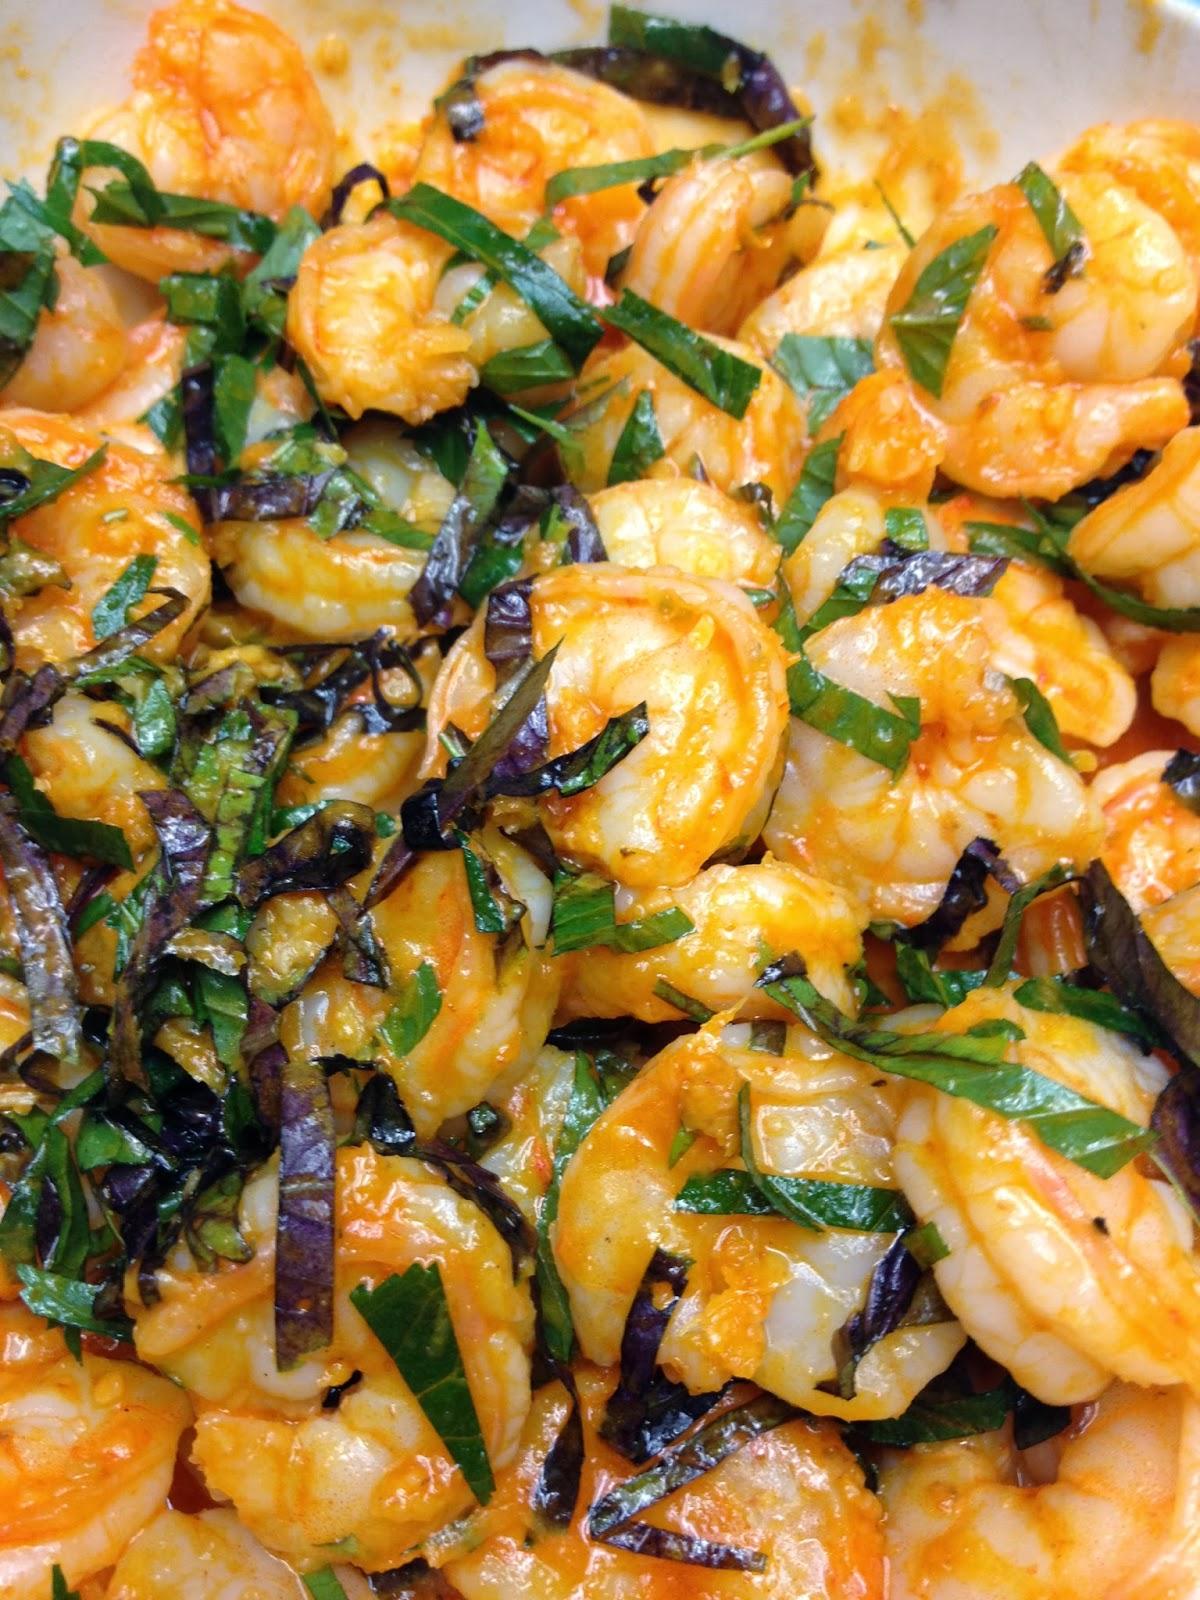 Eating Dinner With My Family: Sriracha-Buttered Shrimp